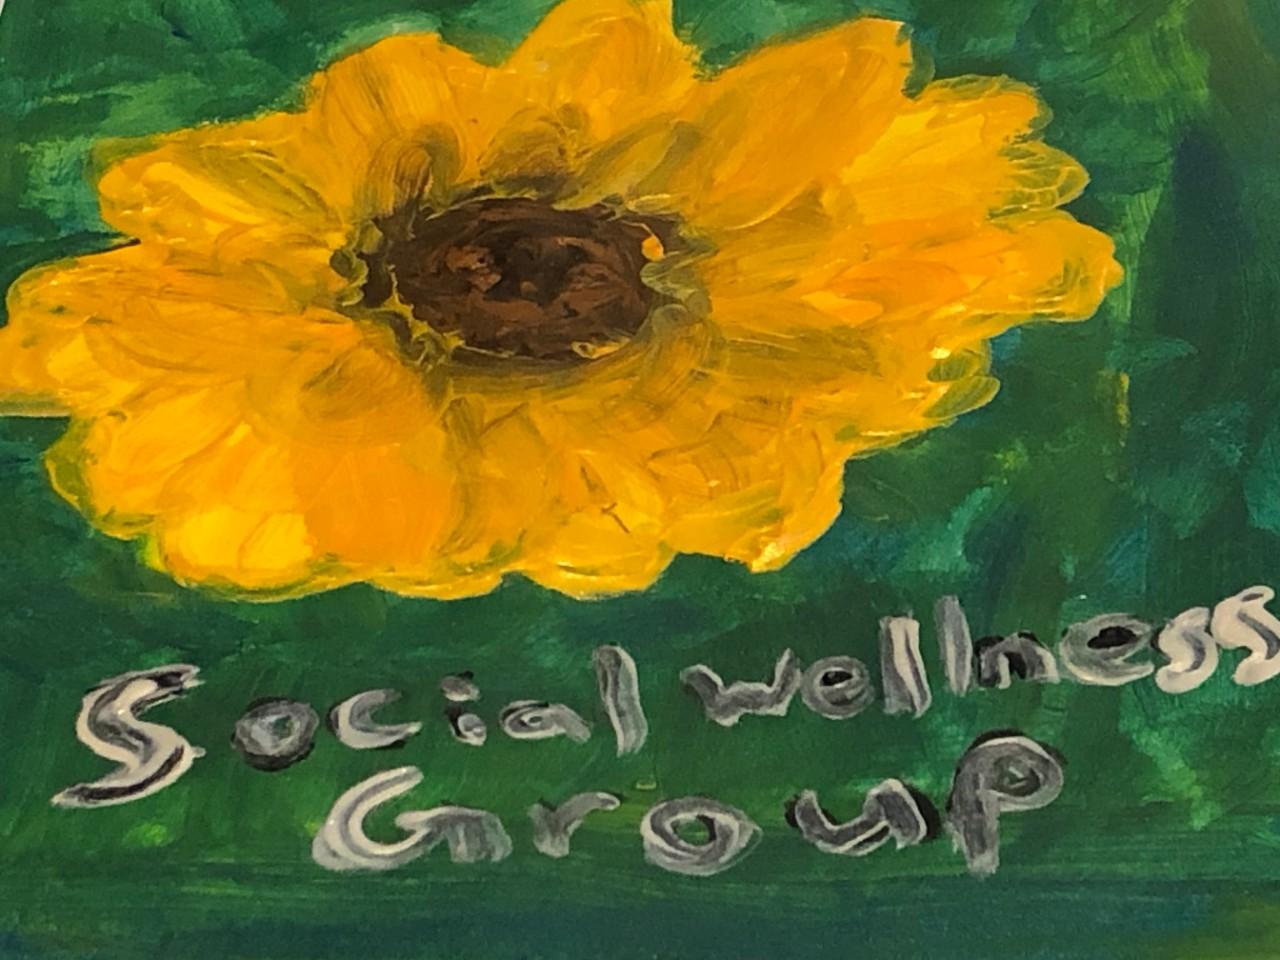 Social Wellness Group flower logo